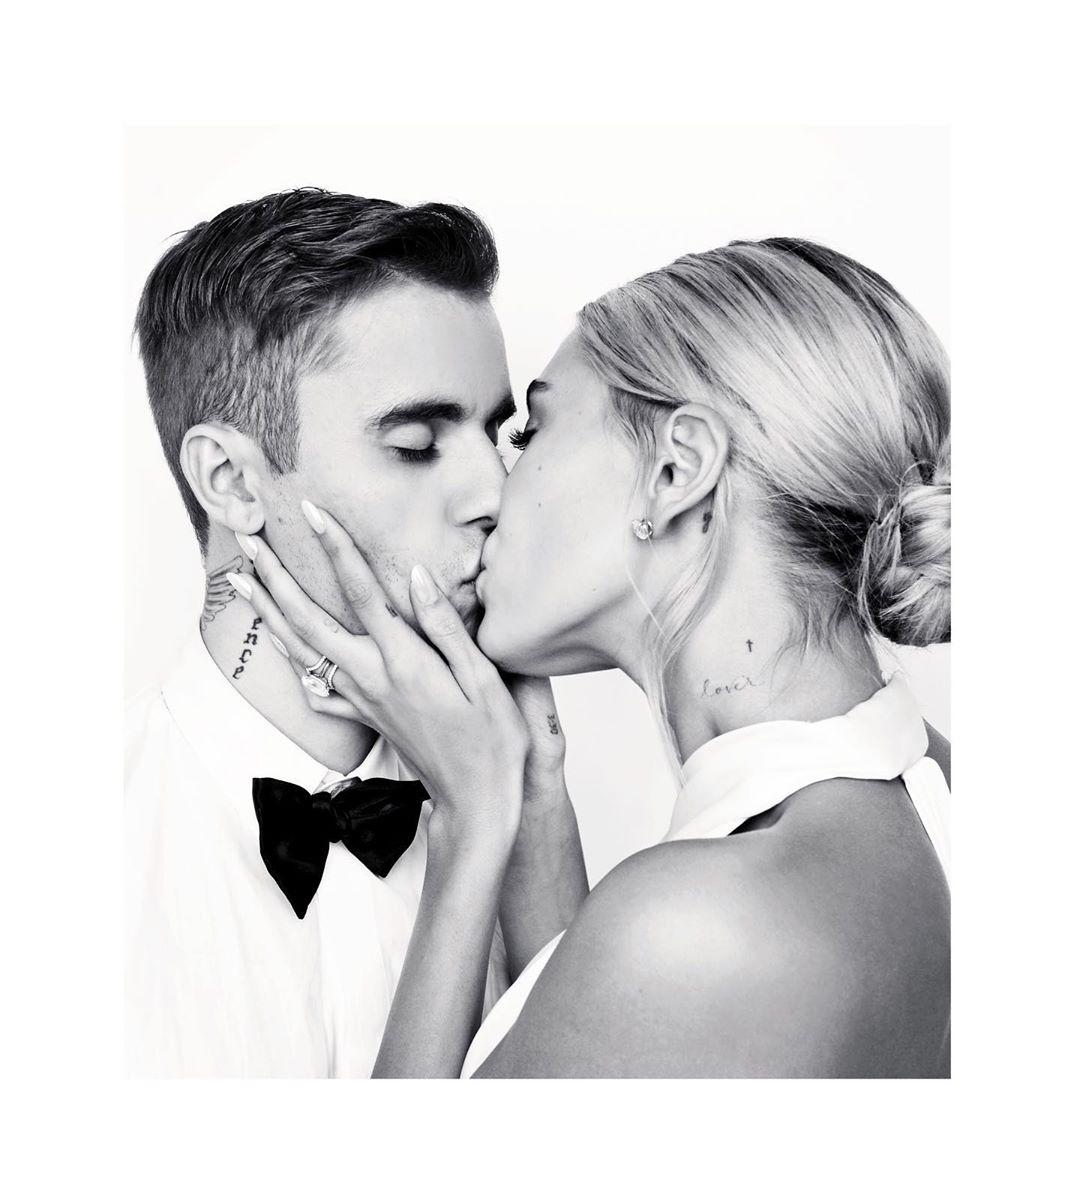 小賈斯汀公開「老婆婚紗」豪吸6百萬讚 禮服繡「癡心誓詞」卻被罵翻:超中二!